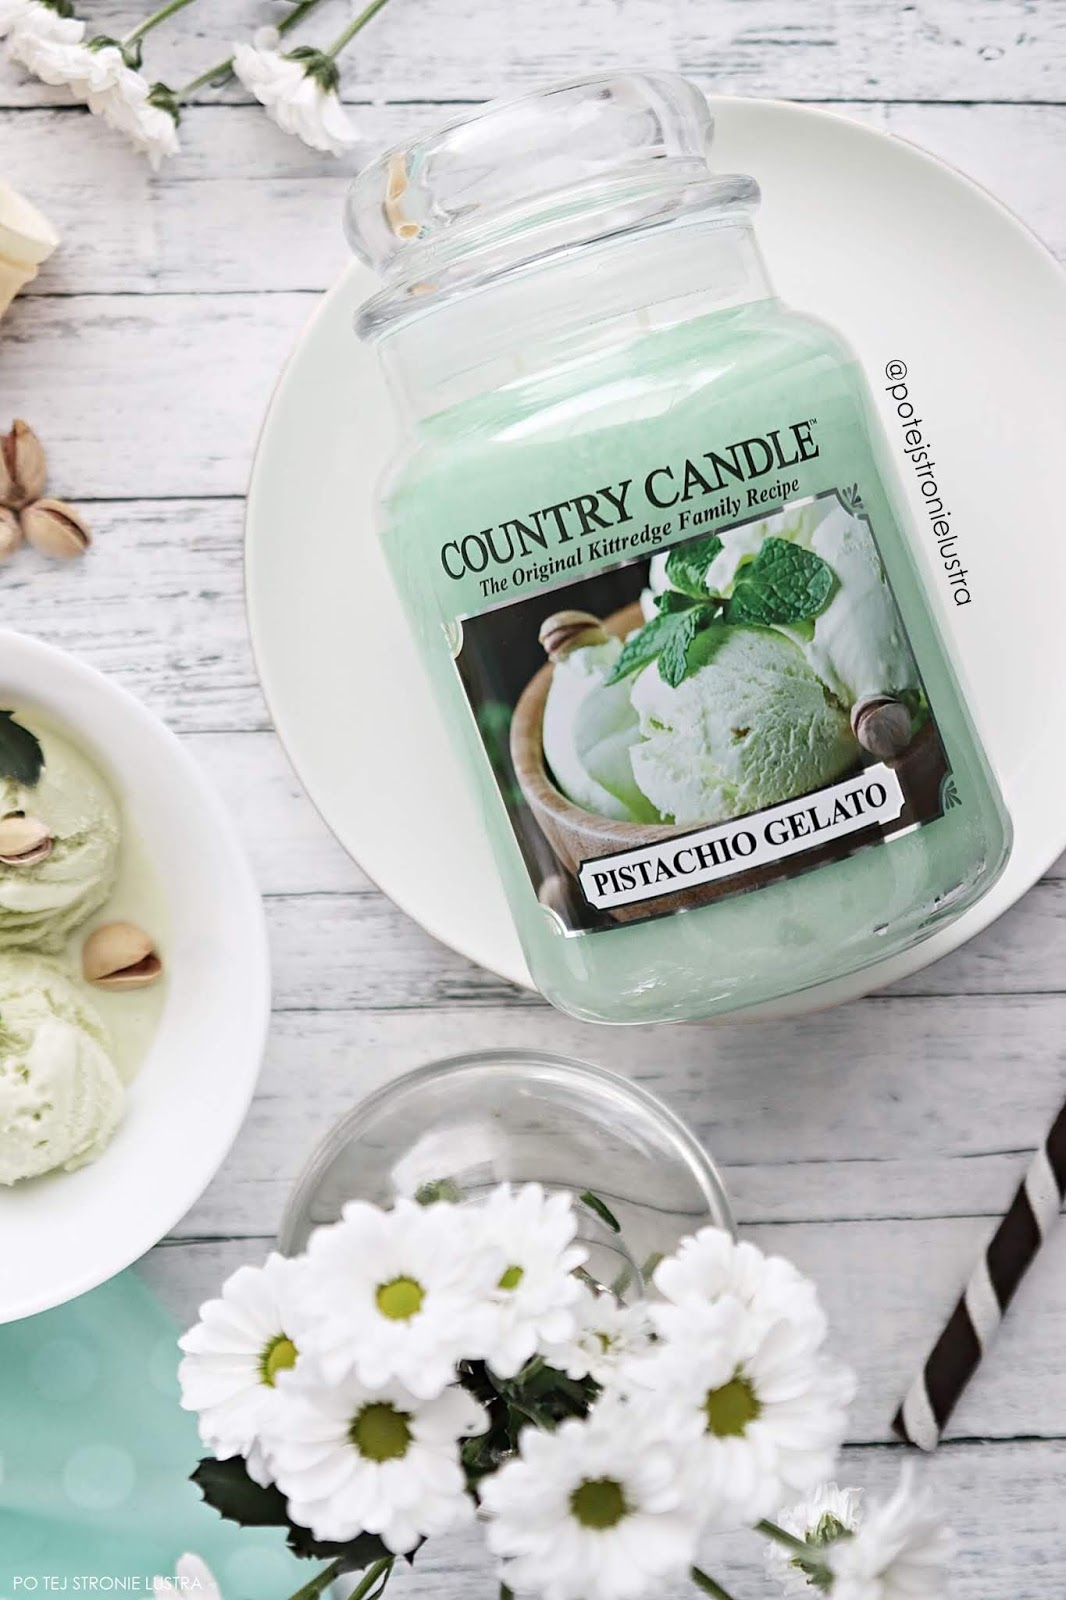 świeca country candle o zapachu lodów pistacjowch